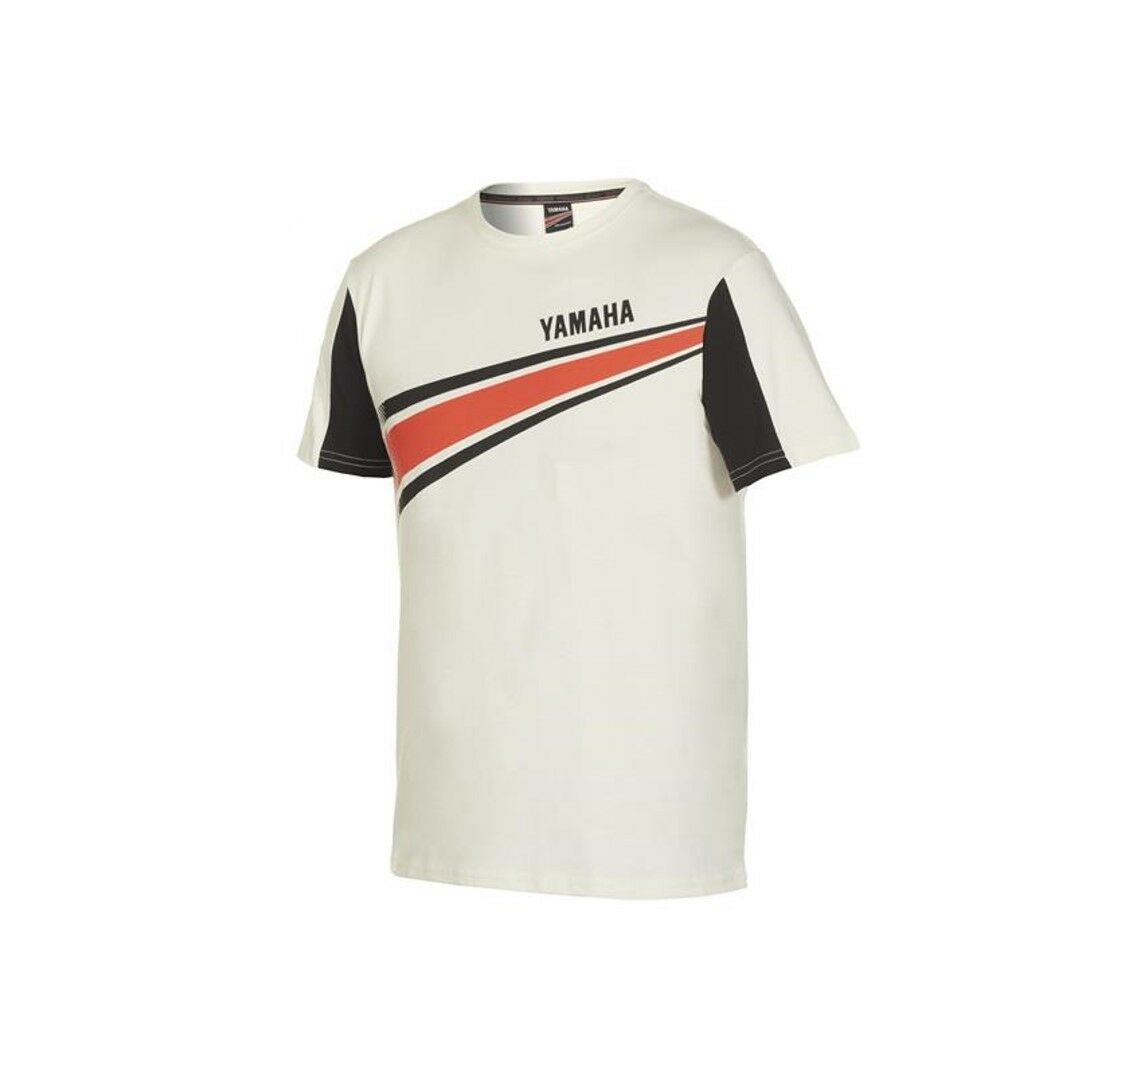 Official Yamaha REVS Byson White Men's T-Shirt